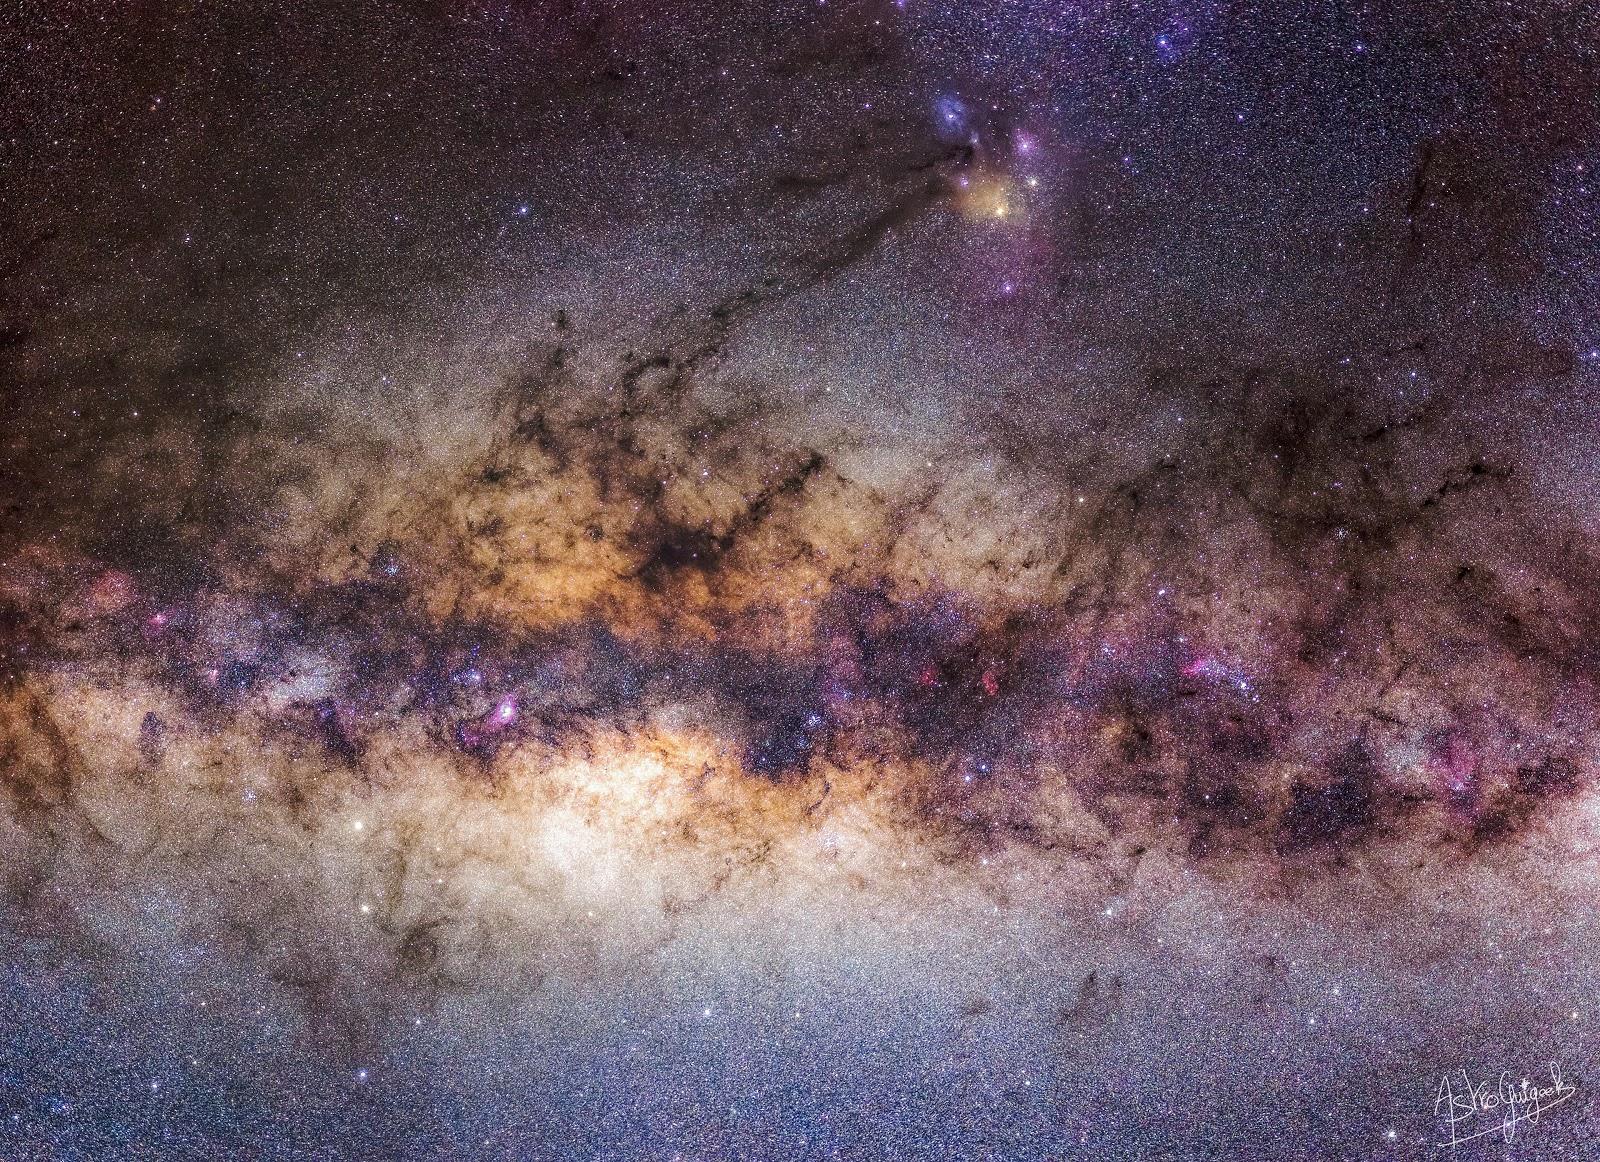 Plongeon au cœur de la Galaxie, dans la région du Sagittaire